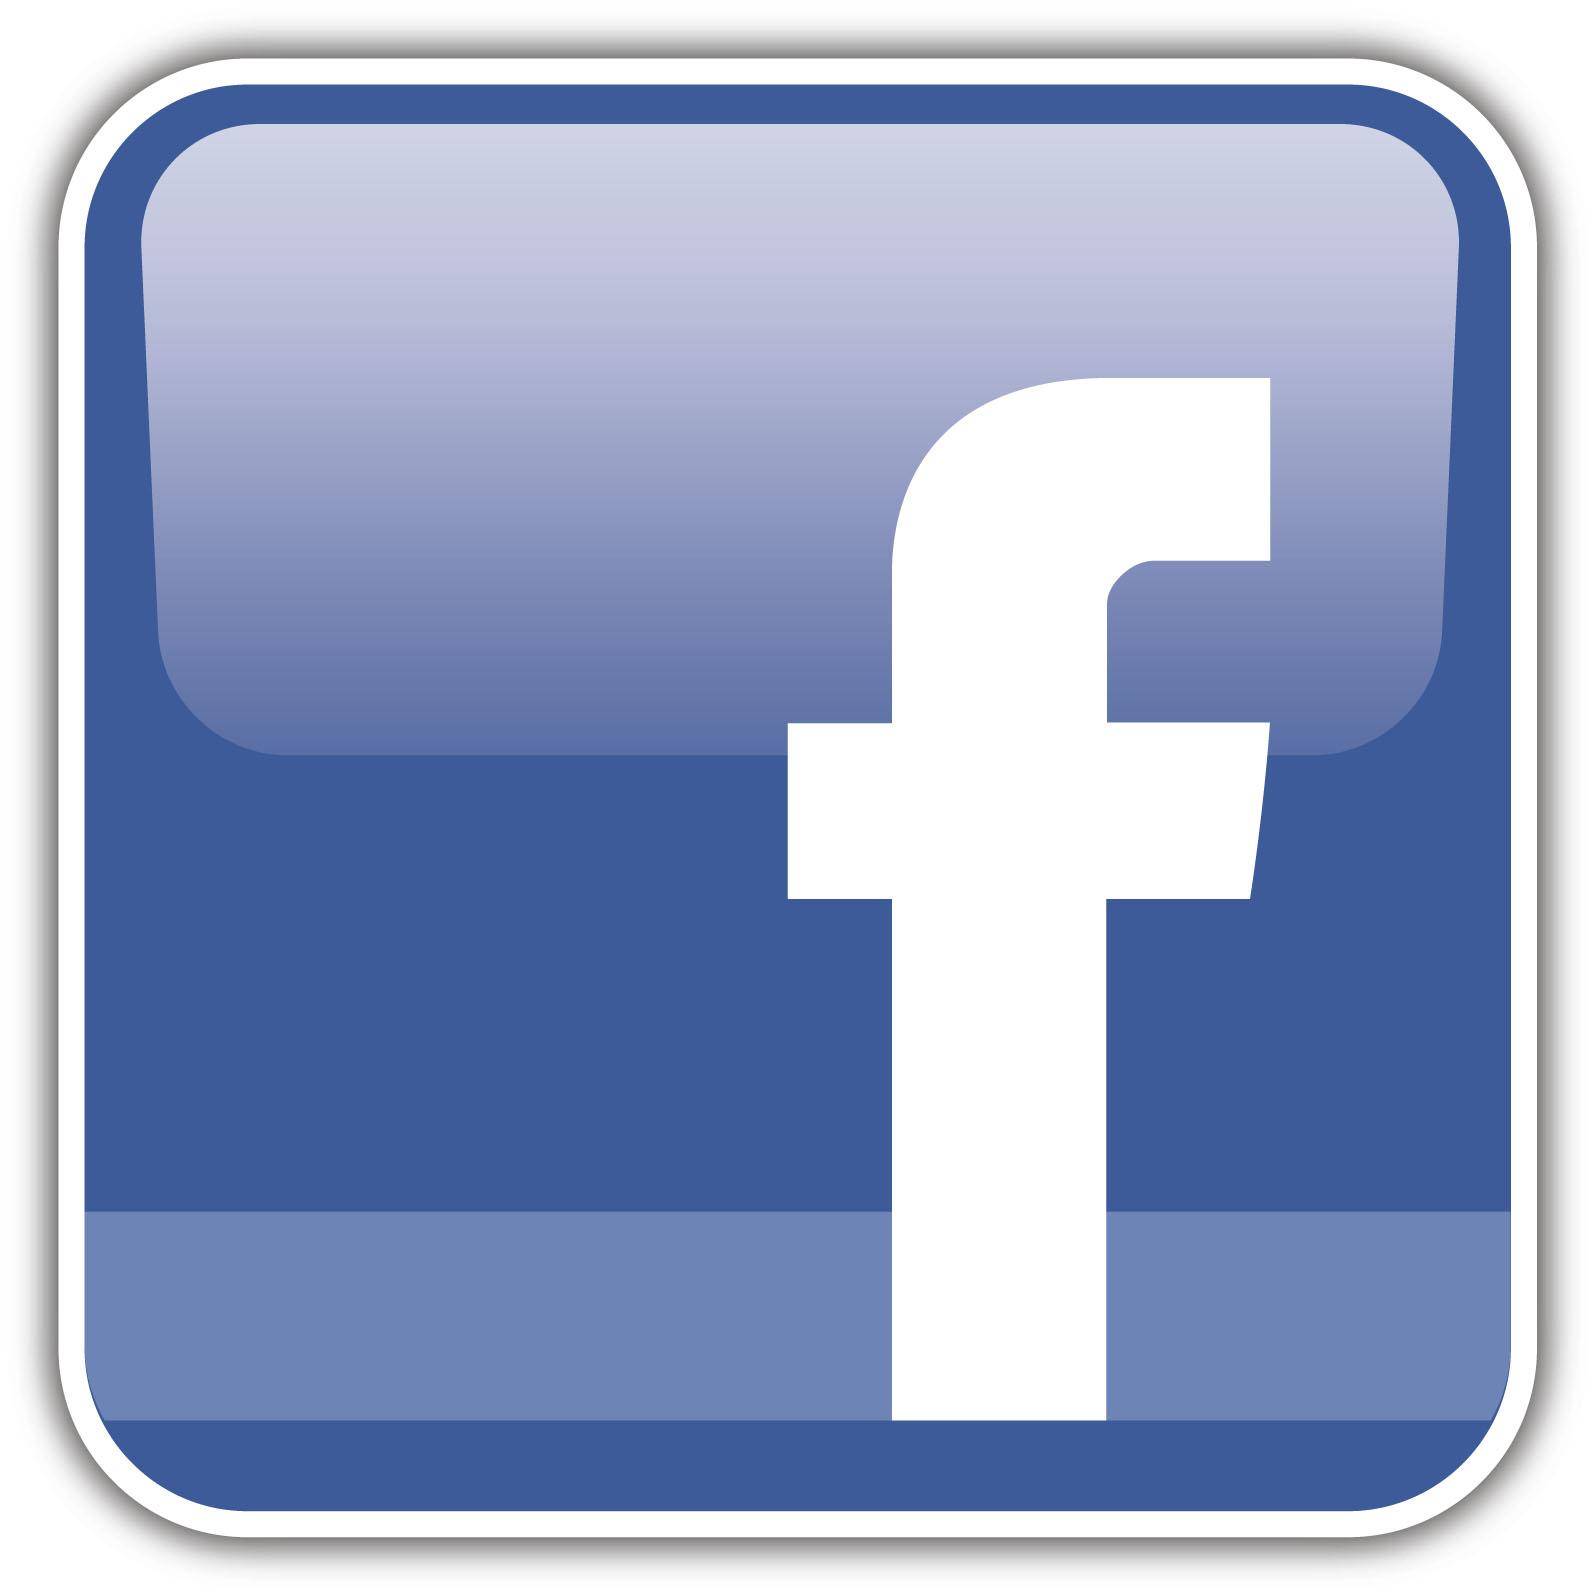 La mia pagina facebook...